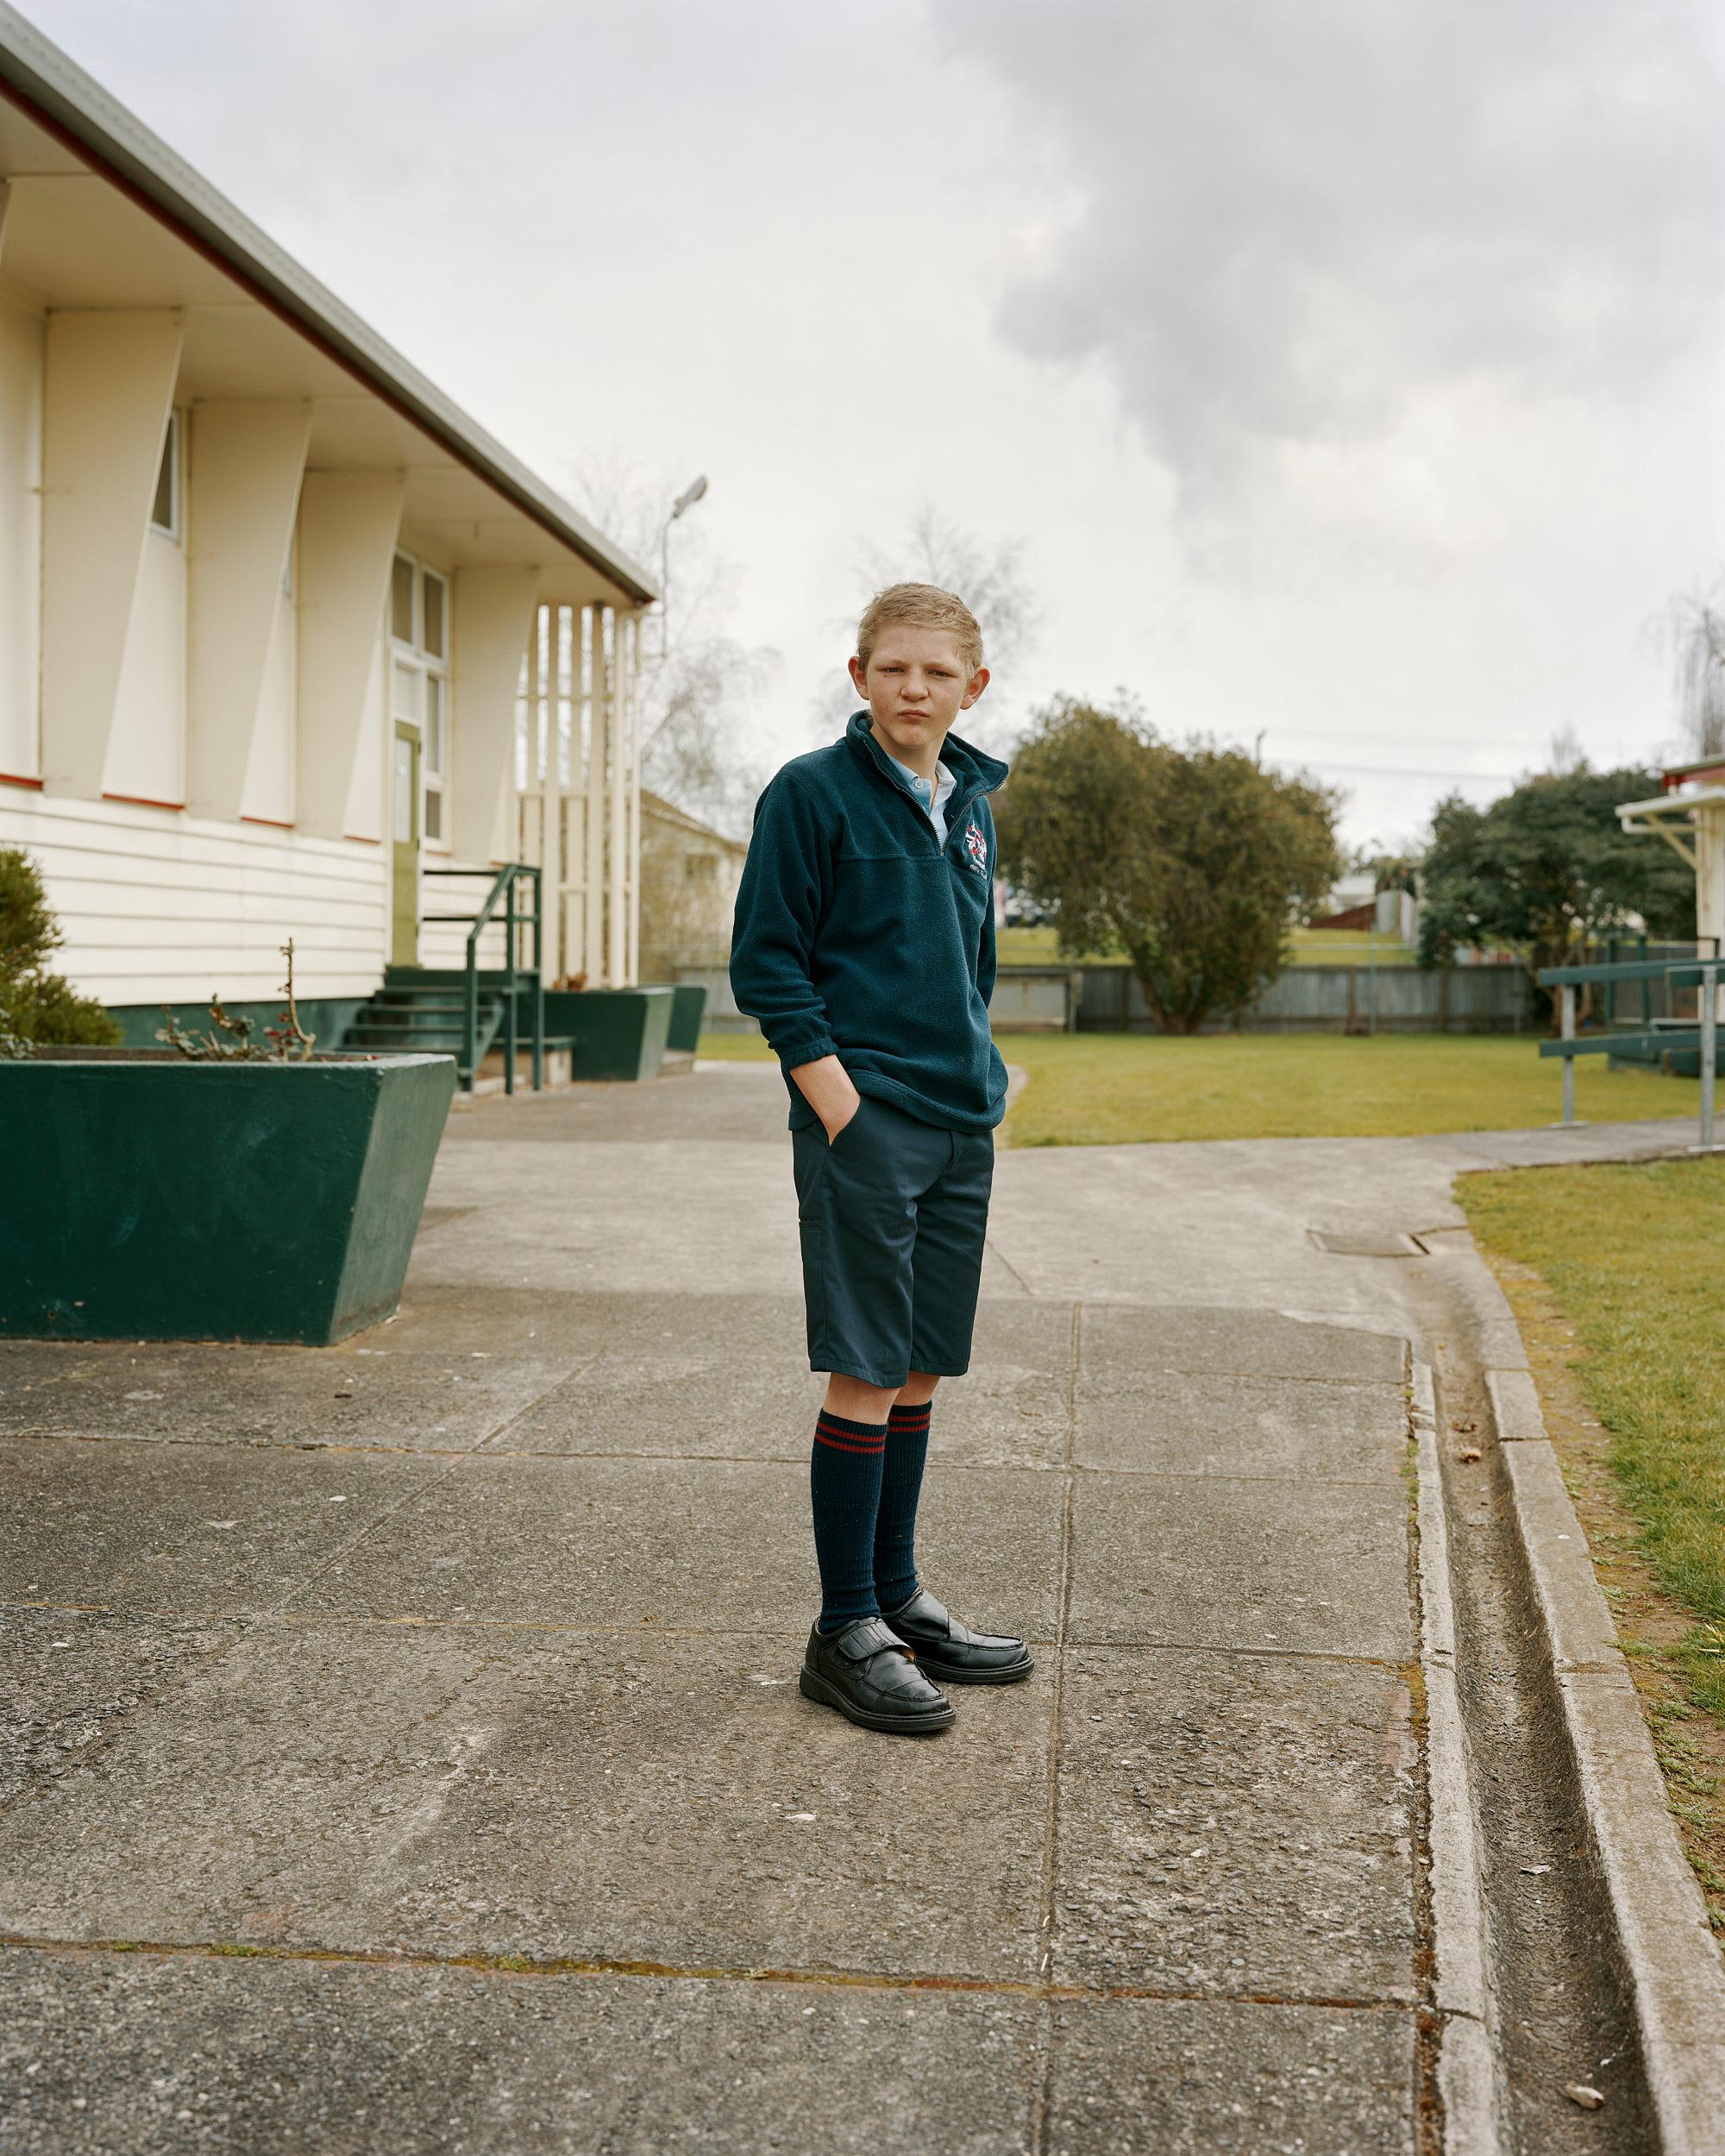 Derek Henderson's Photography Portfolio ⏤ From 2005 Until Now on Anniversary Magazine